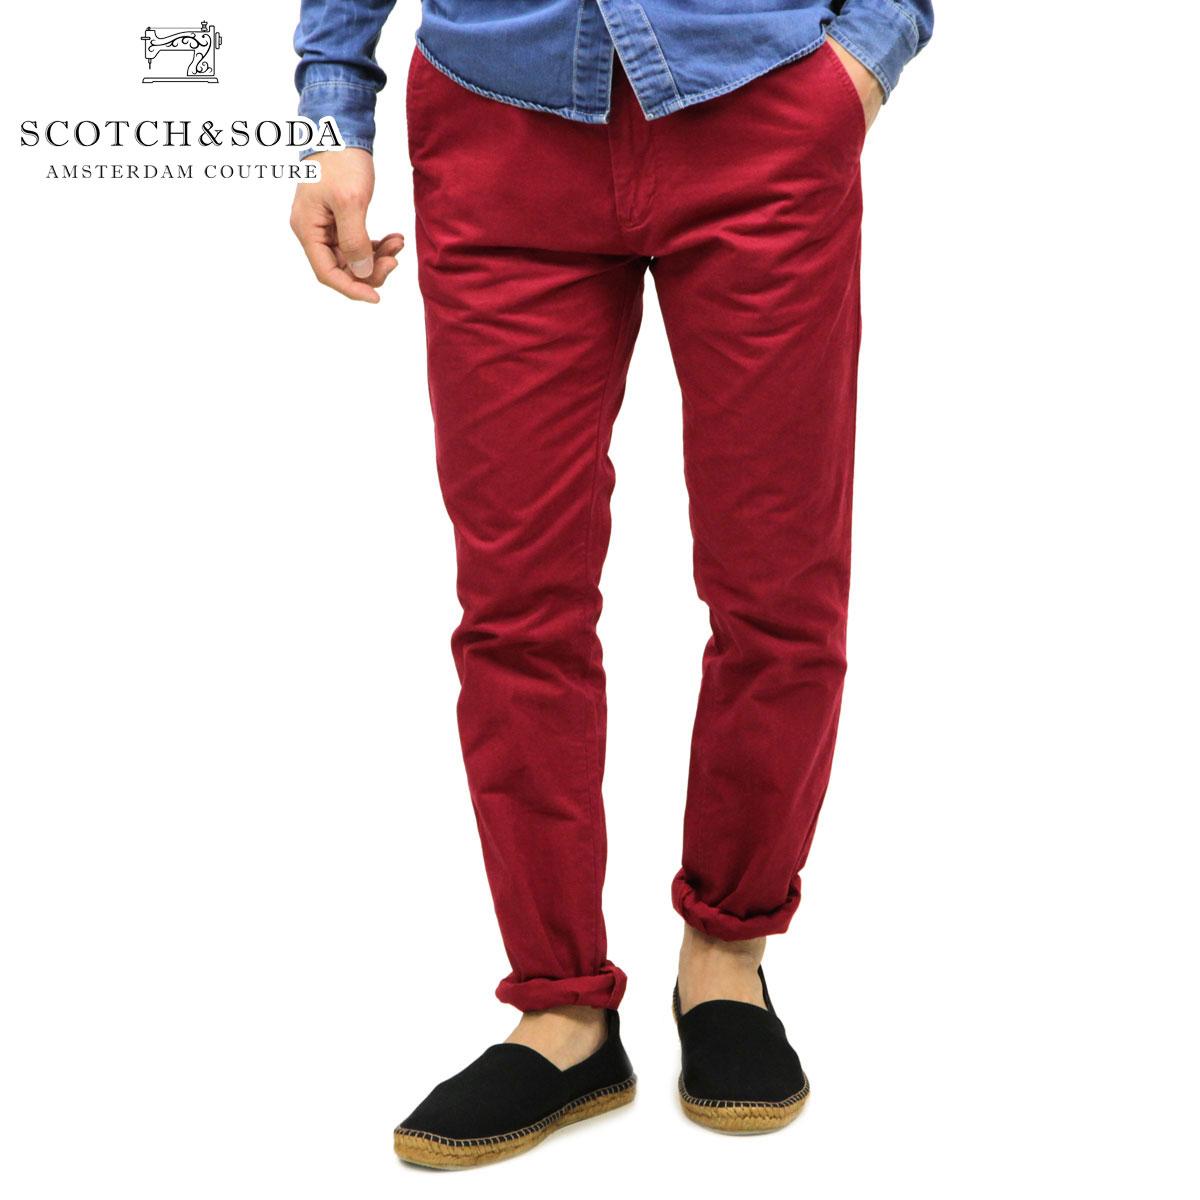 スコッチアンドソーダ SCOTCH&SODA 正規販売店 メンズ チノパンツ Basic pima cotton twill chino 80003 28 RED D15S25